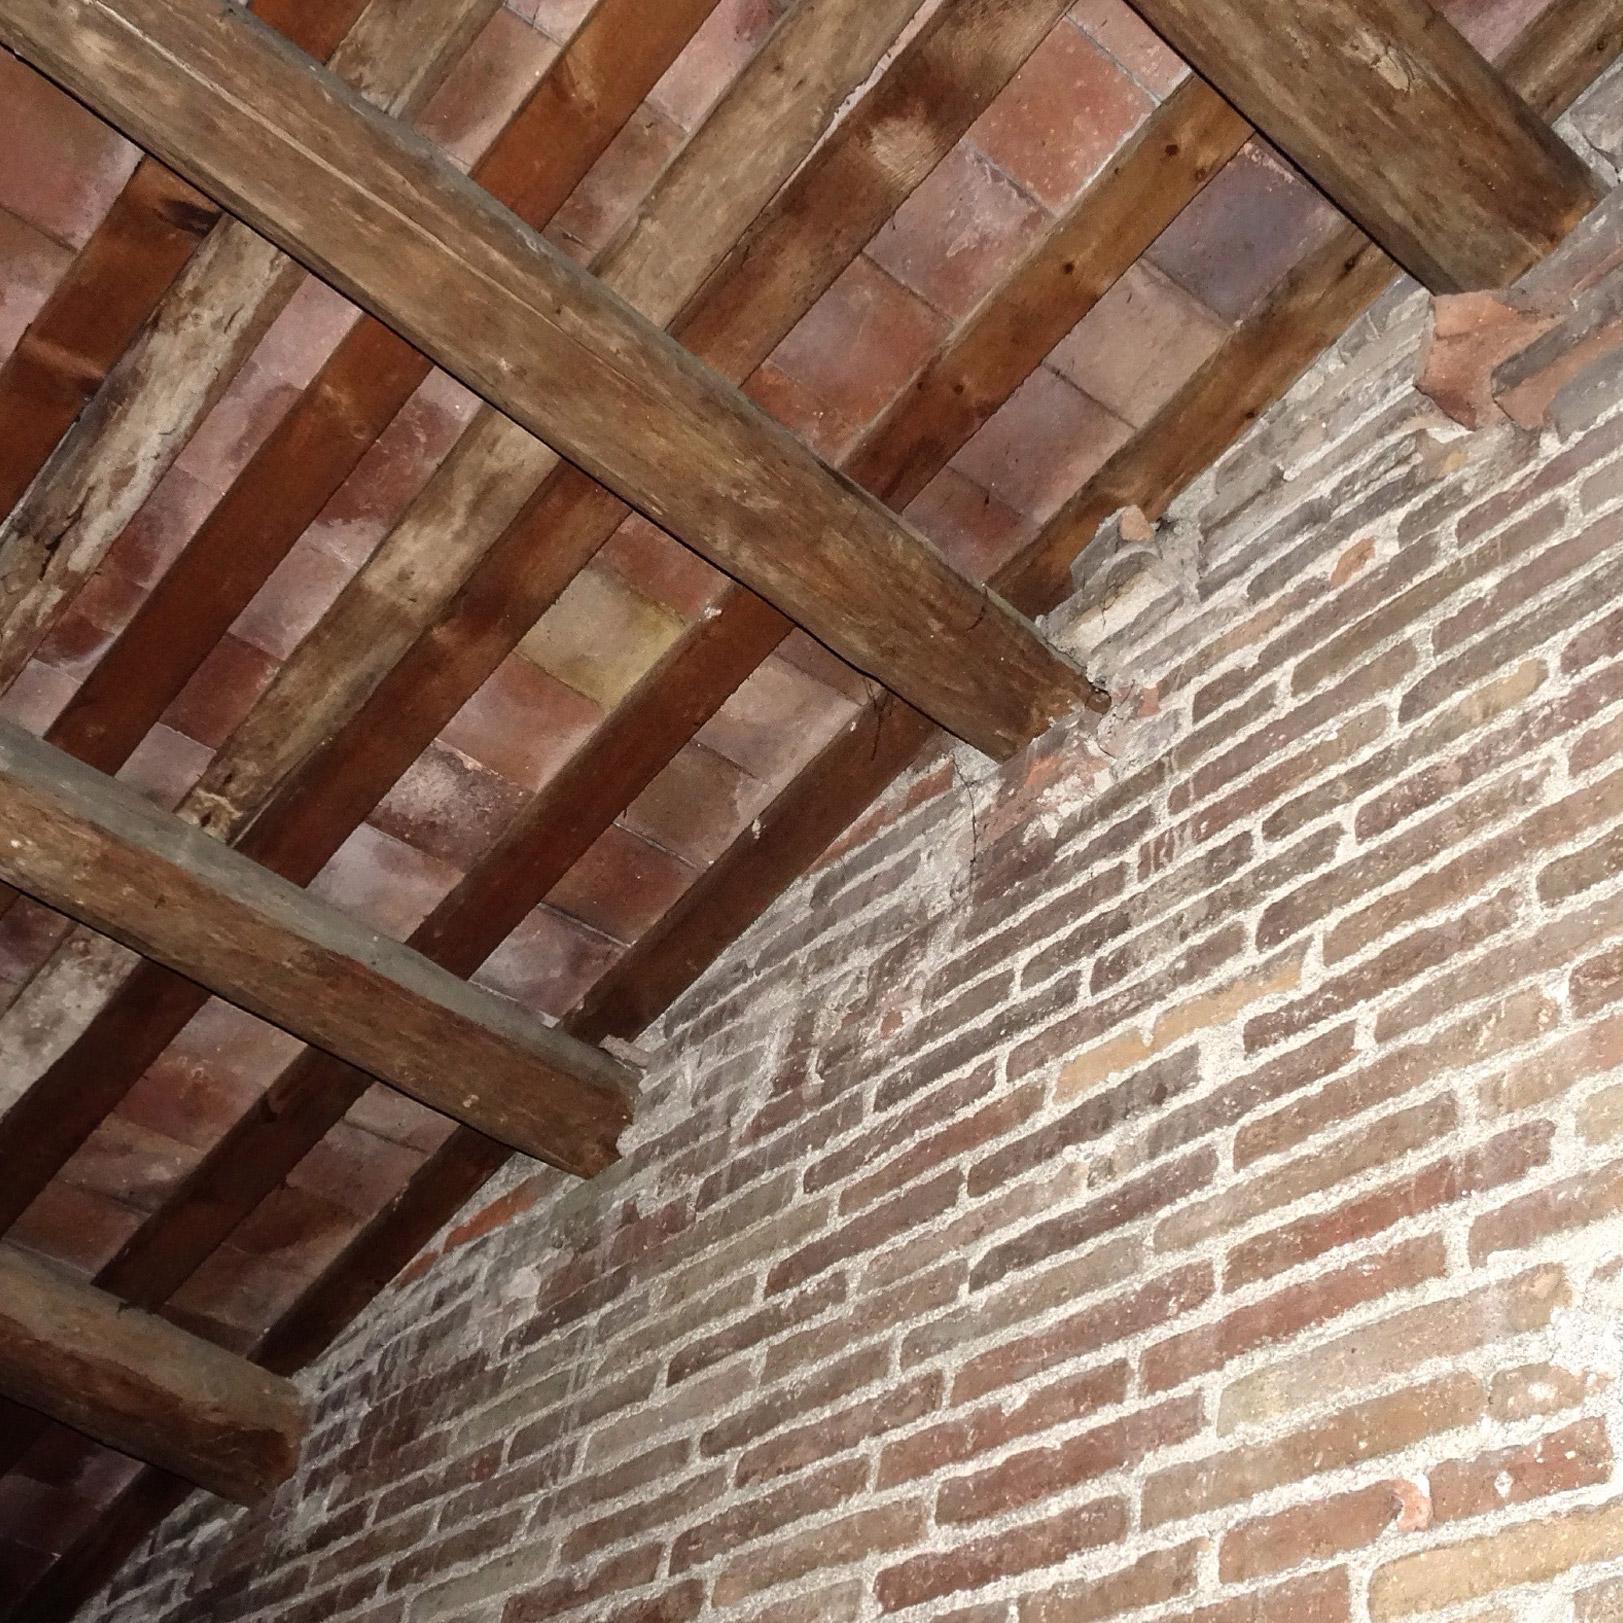 Inspecció tècnica d'edificis a Sant Boi